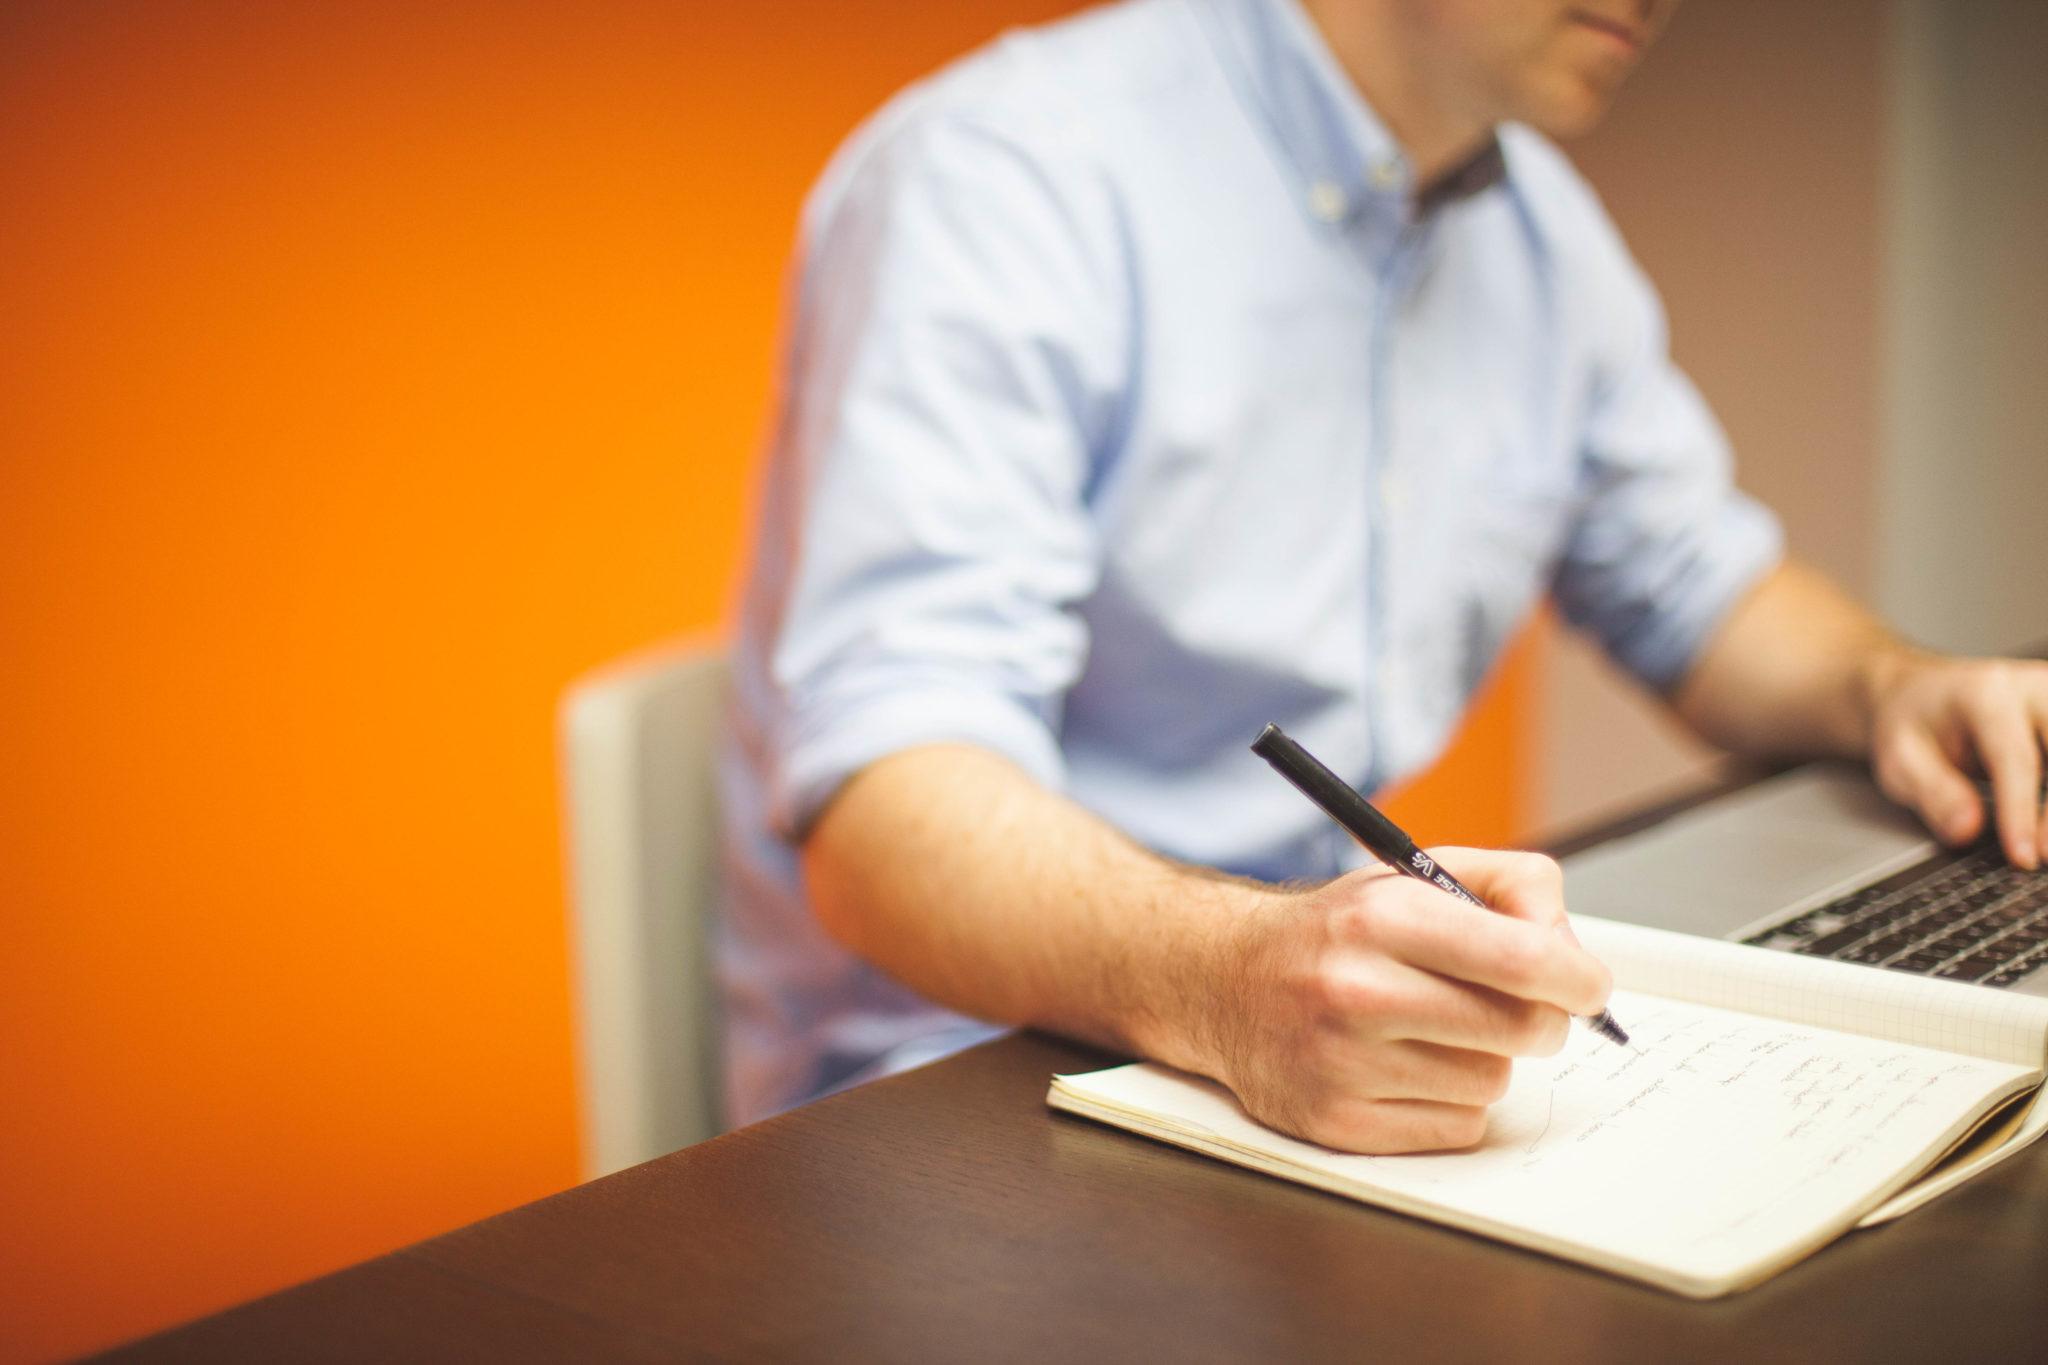 Oportunidades Profesionales: ¿Qué buscan los empleadores?